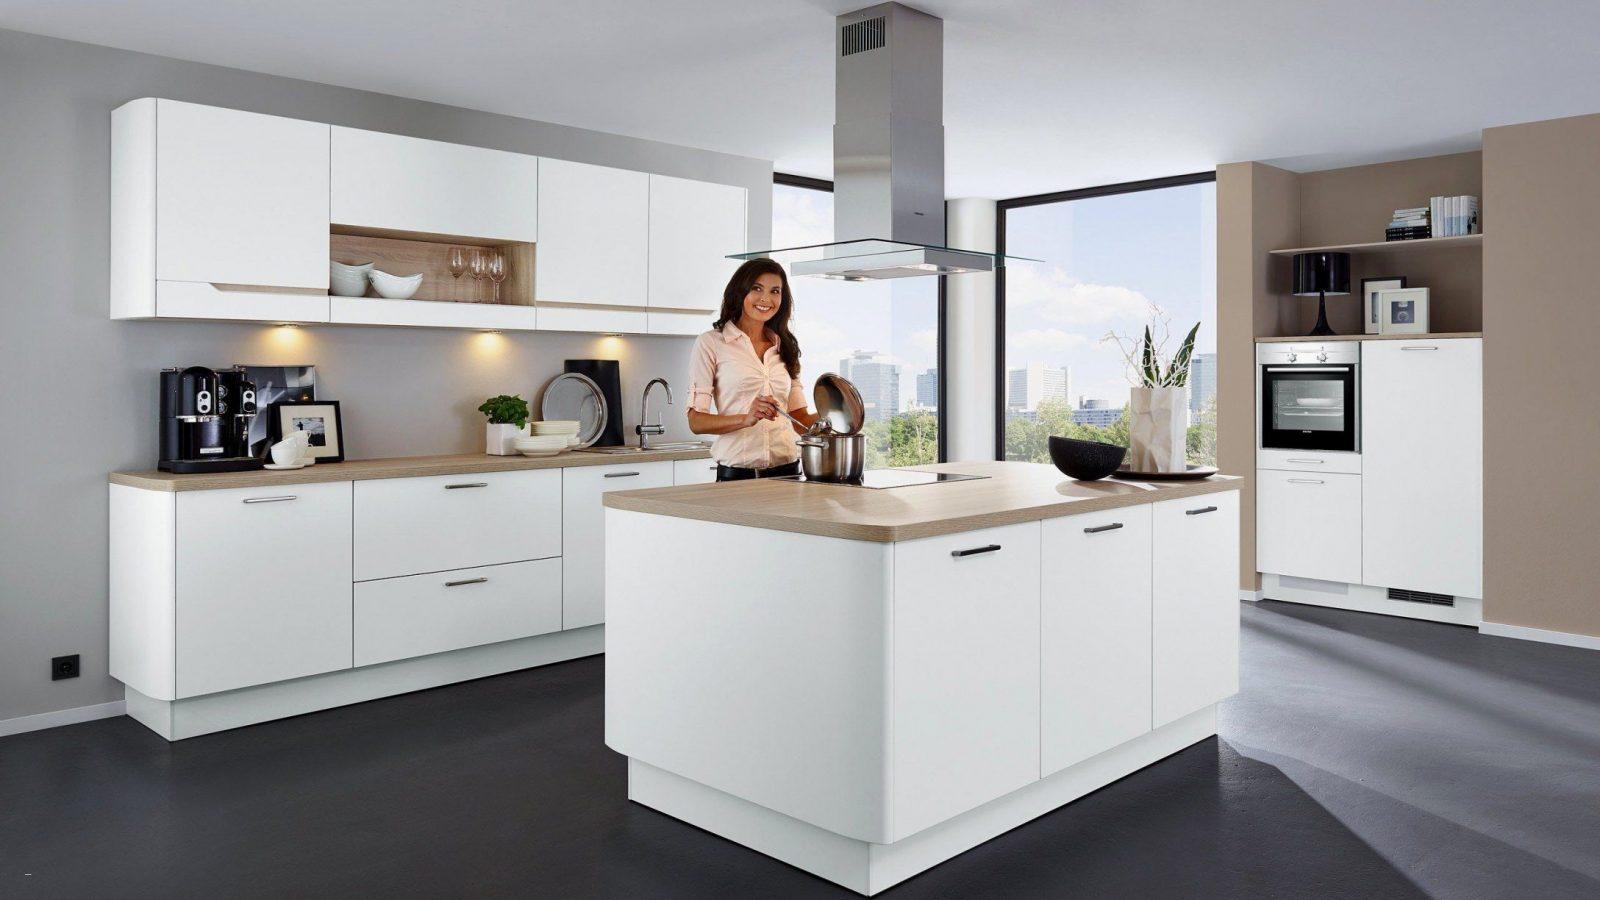 Küche Selbst Zusammenstellen Luxus Küche Mit Kochinsel Modern von Luxus Küche Mit Kochinsel Bild